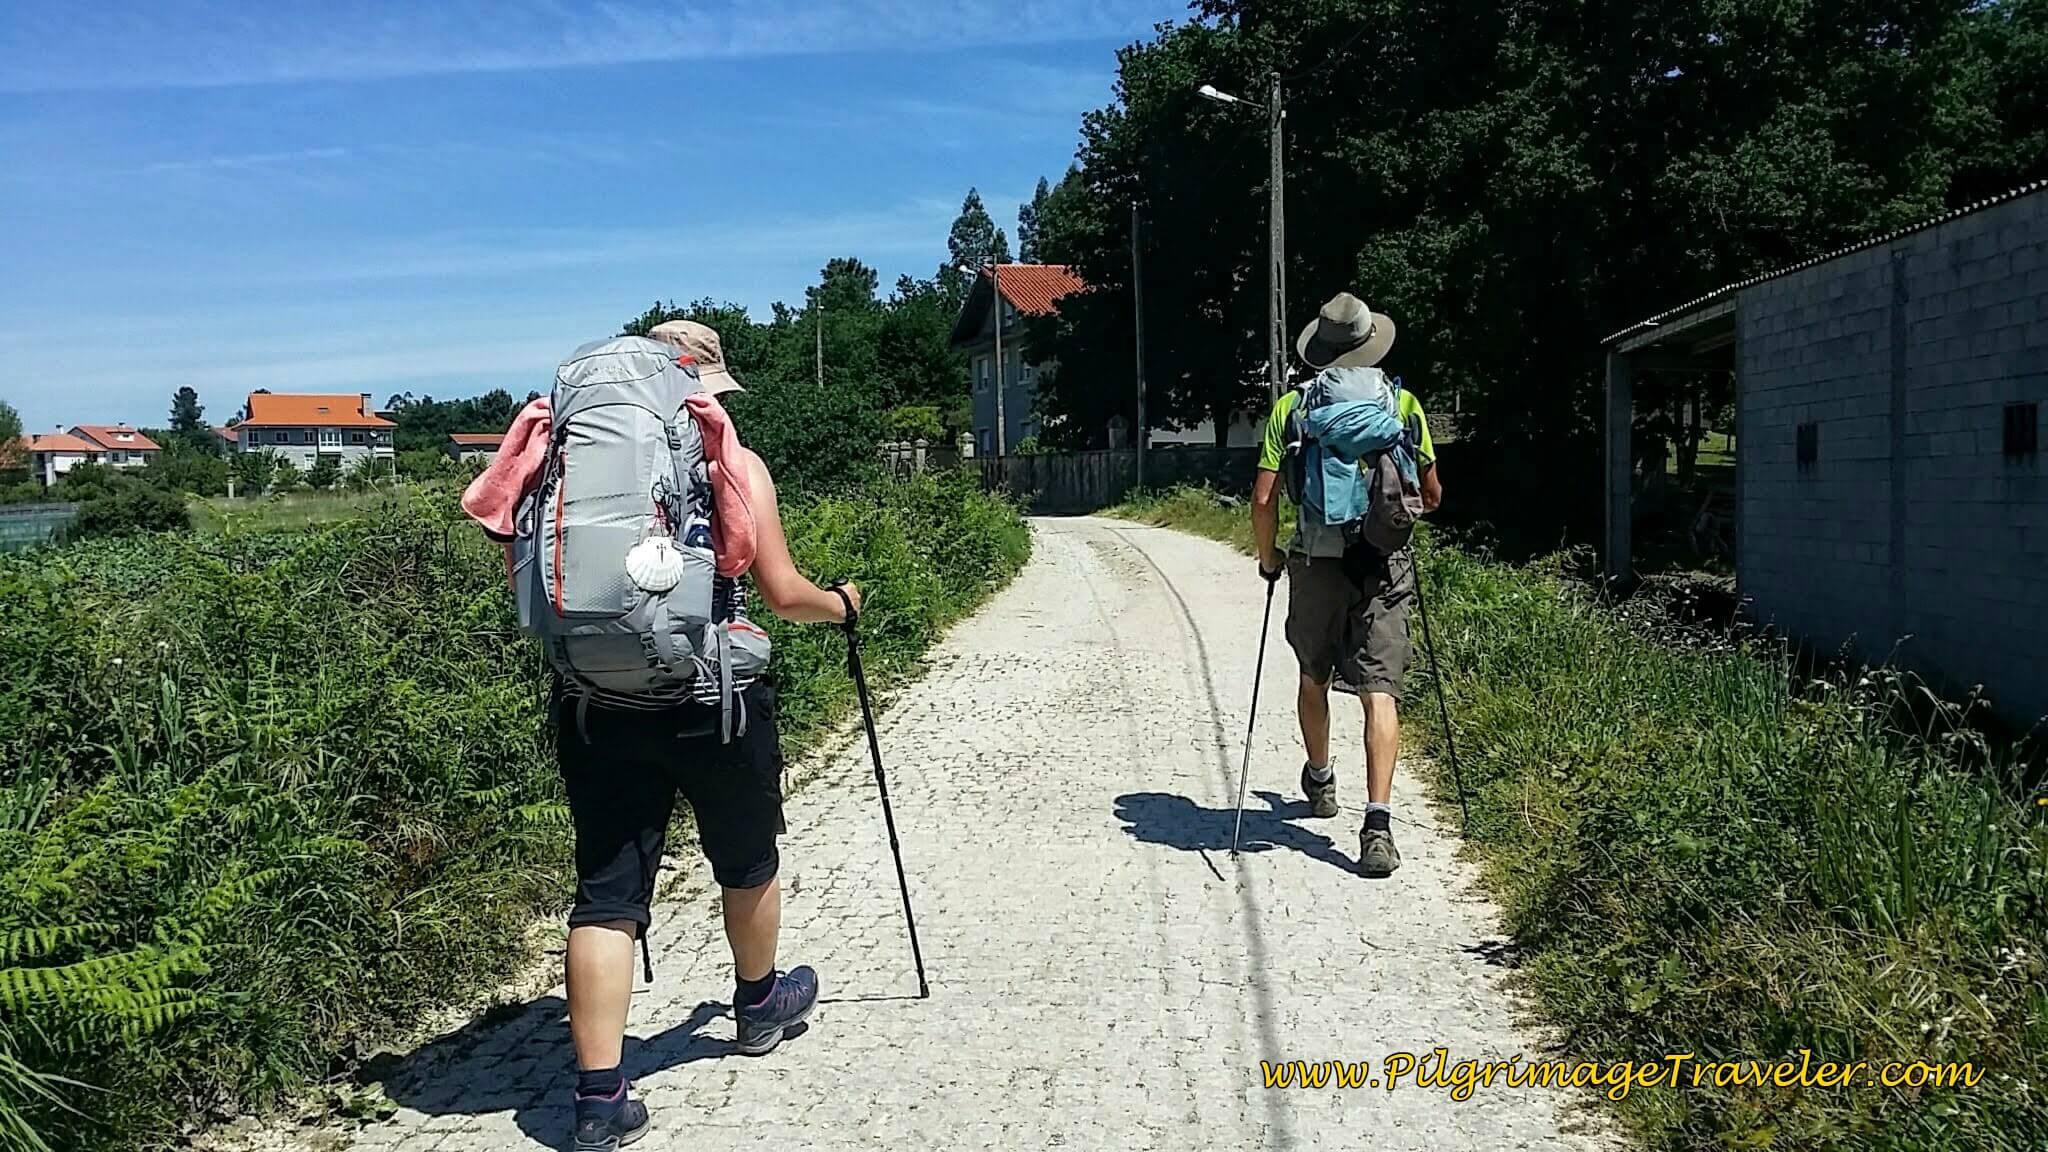 Cobblestone Path on the Way Towards Milladoiro on Day Twenty-Four, Portuguese Camino